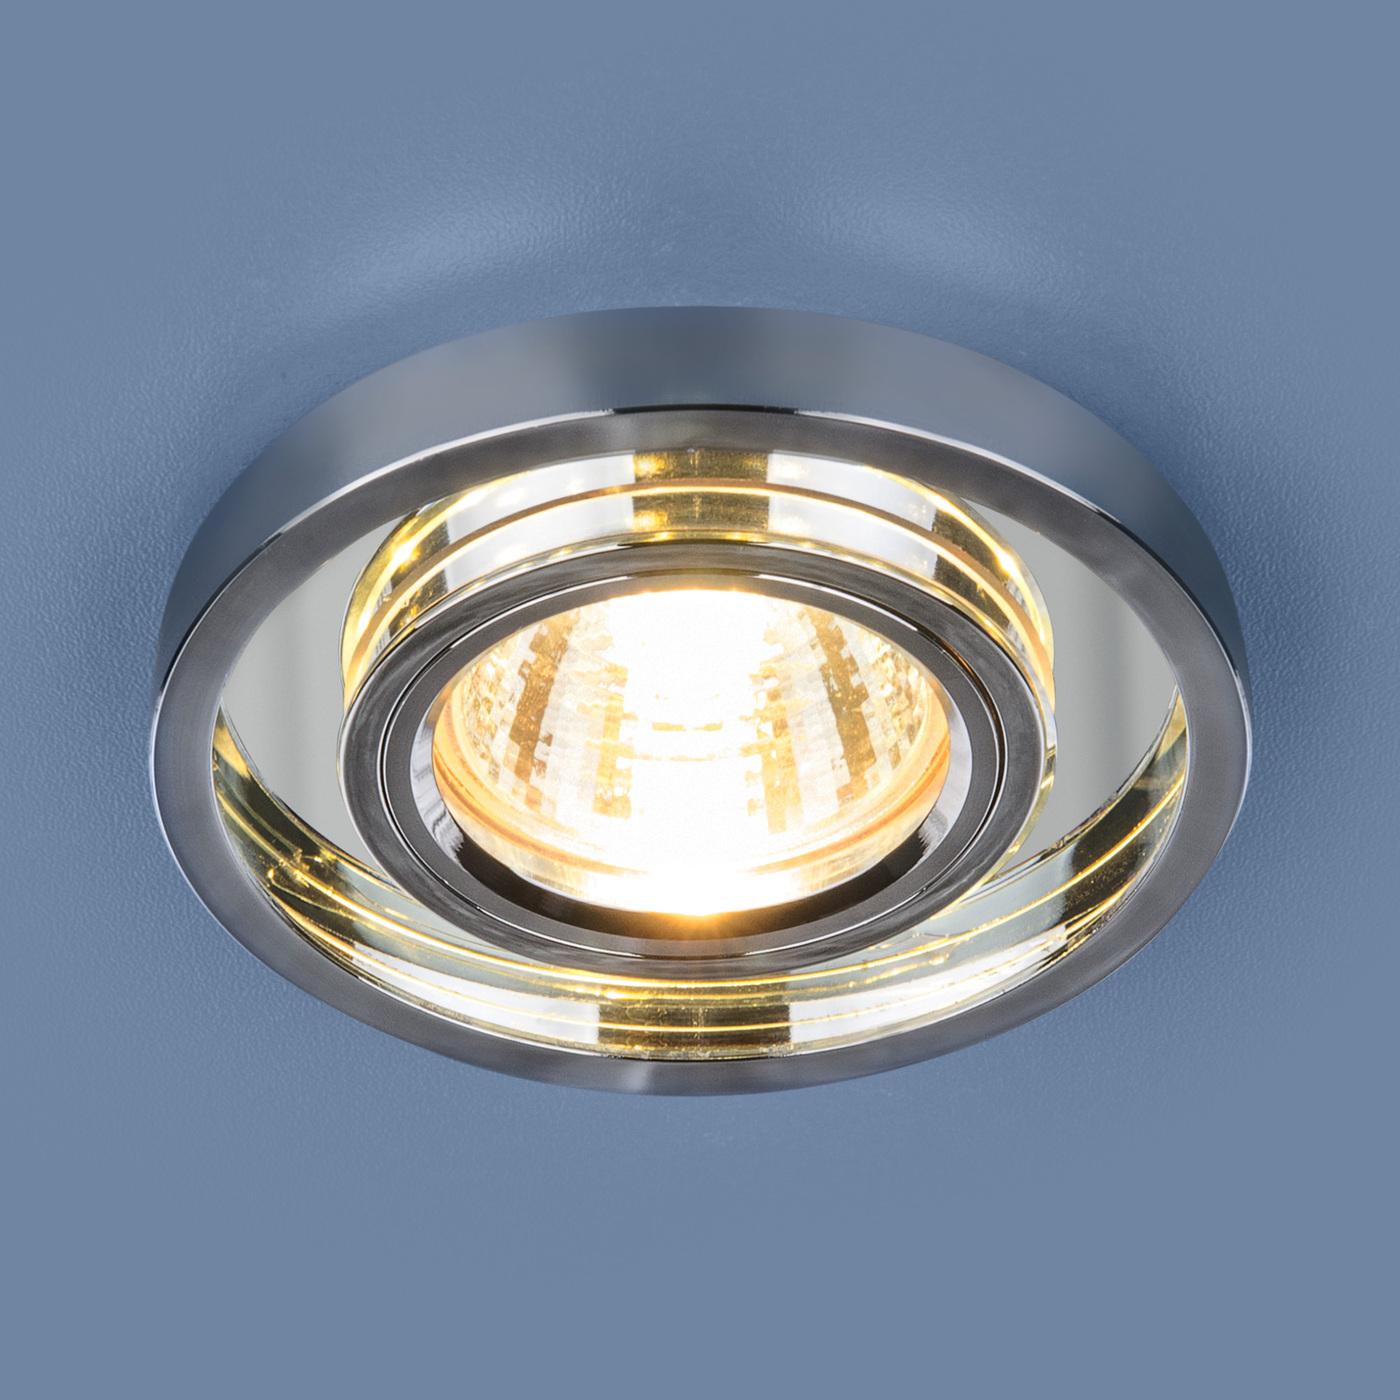 цена на Встраиваемый светильник Elektrostandard Точечный светодиодный 7021 MR16 SL/CH, G5.3